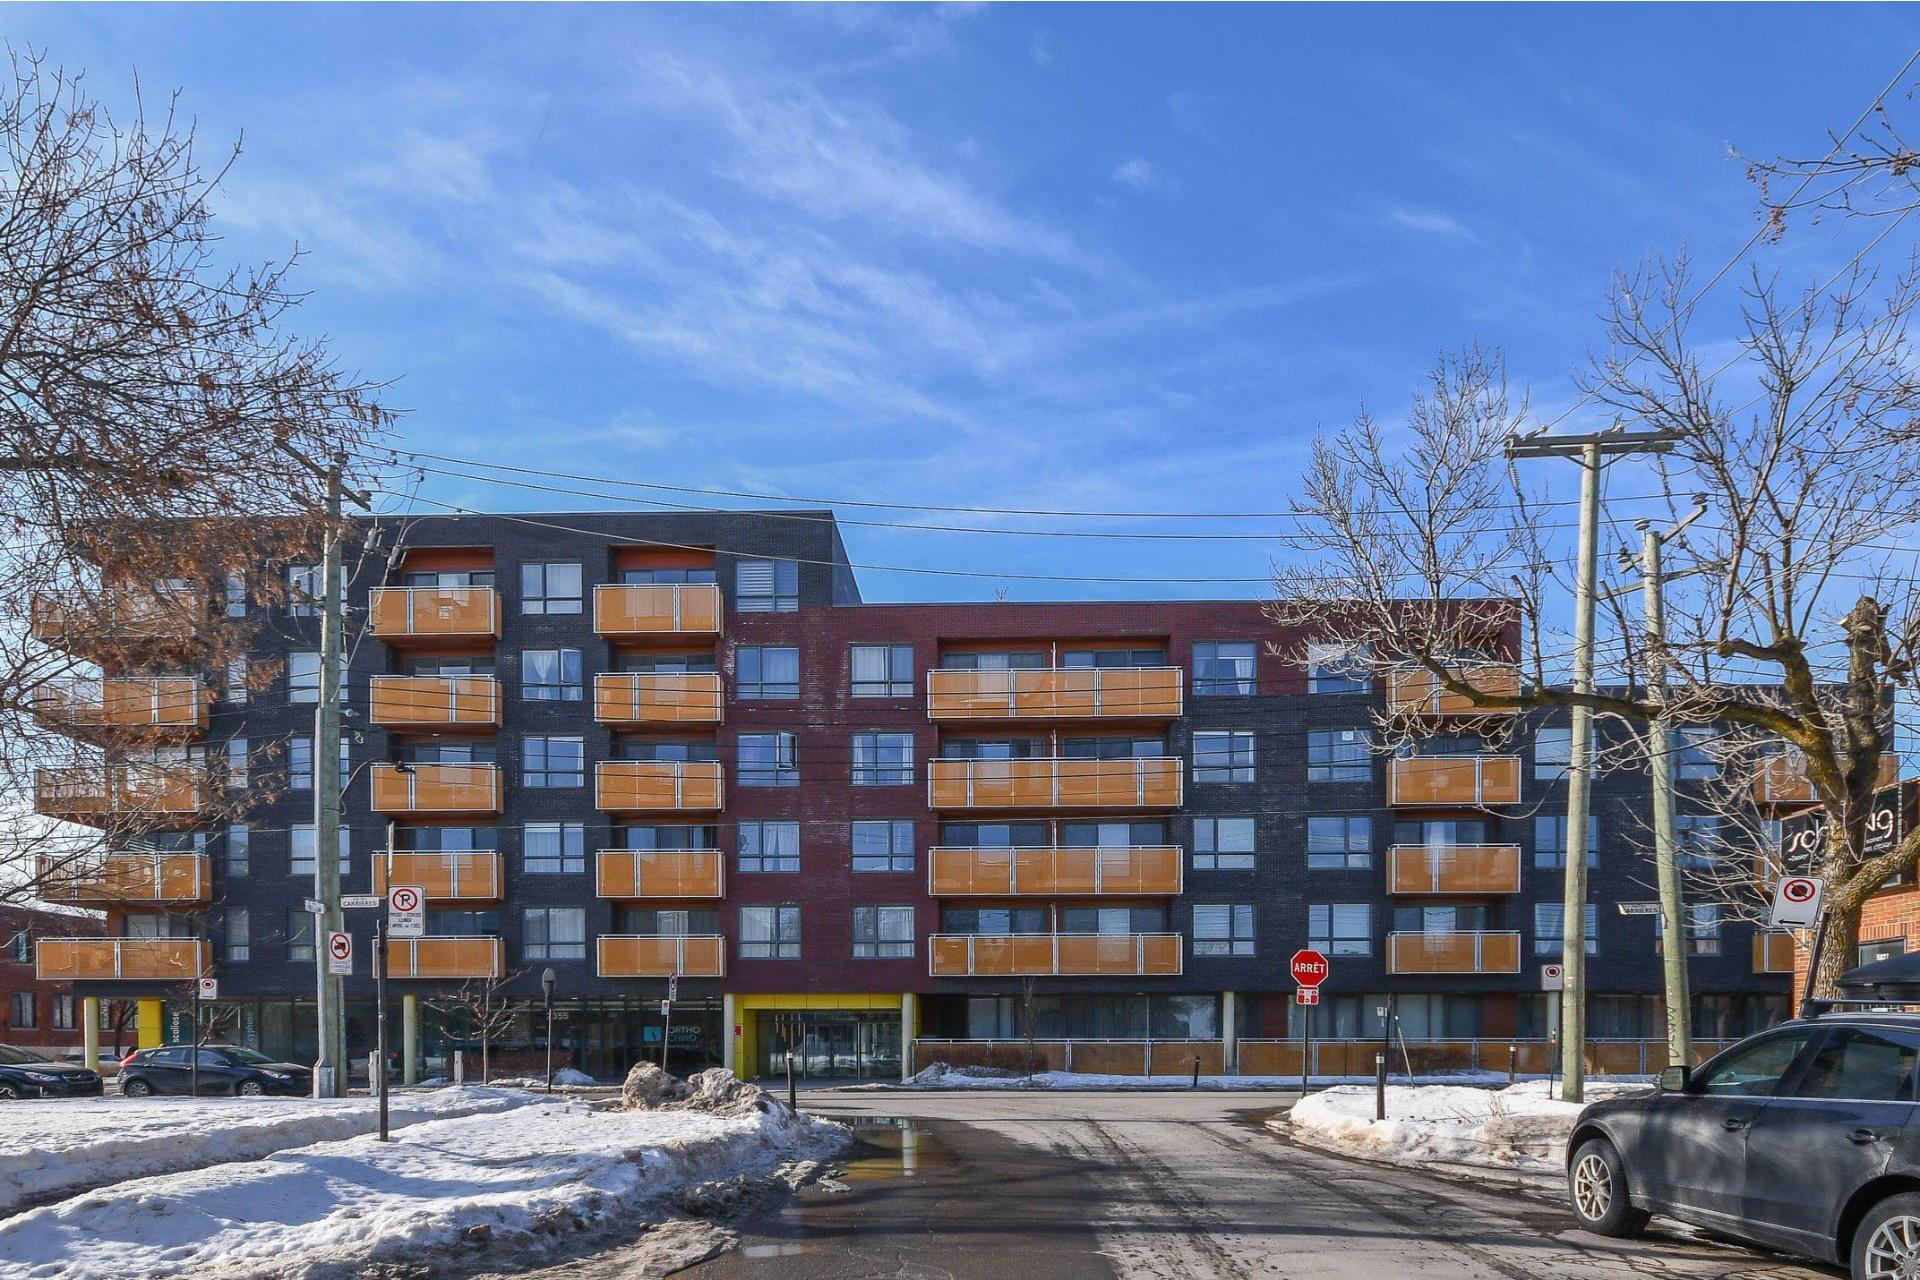 image 12 - Appartement À vendre Rosemont/La Petite-Patrie Montréal  - 4 pièces